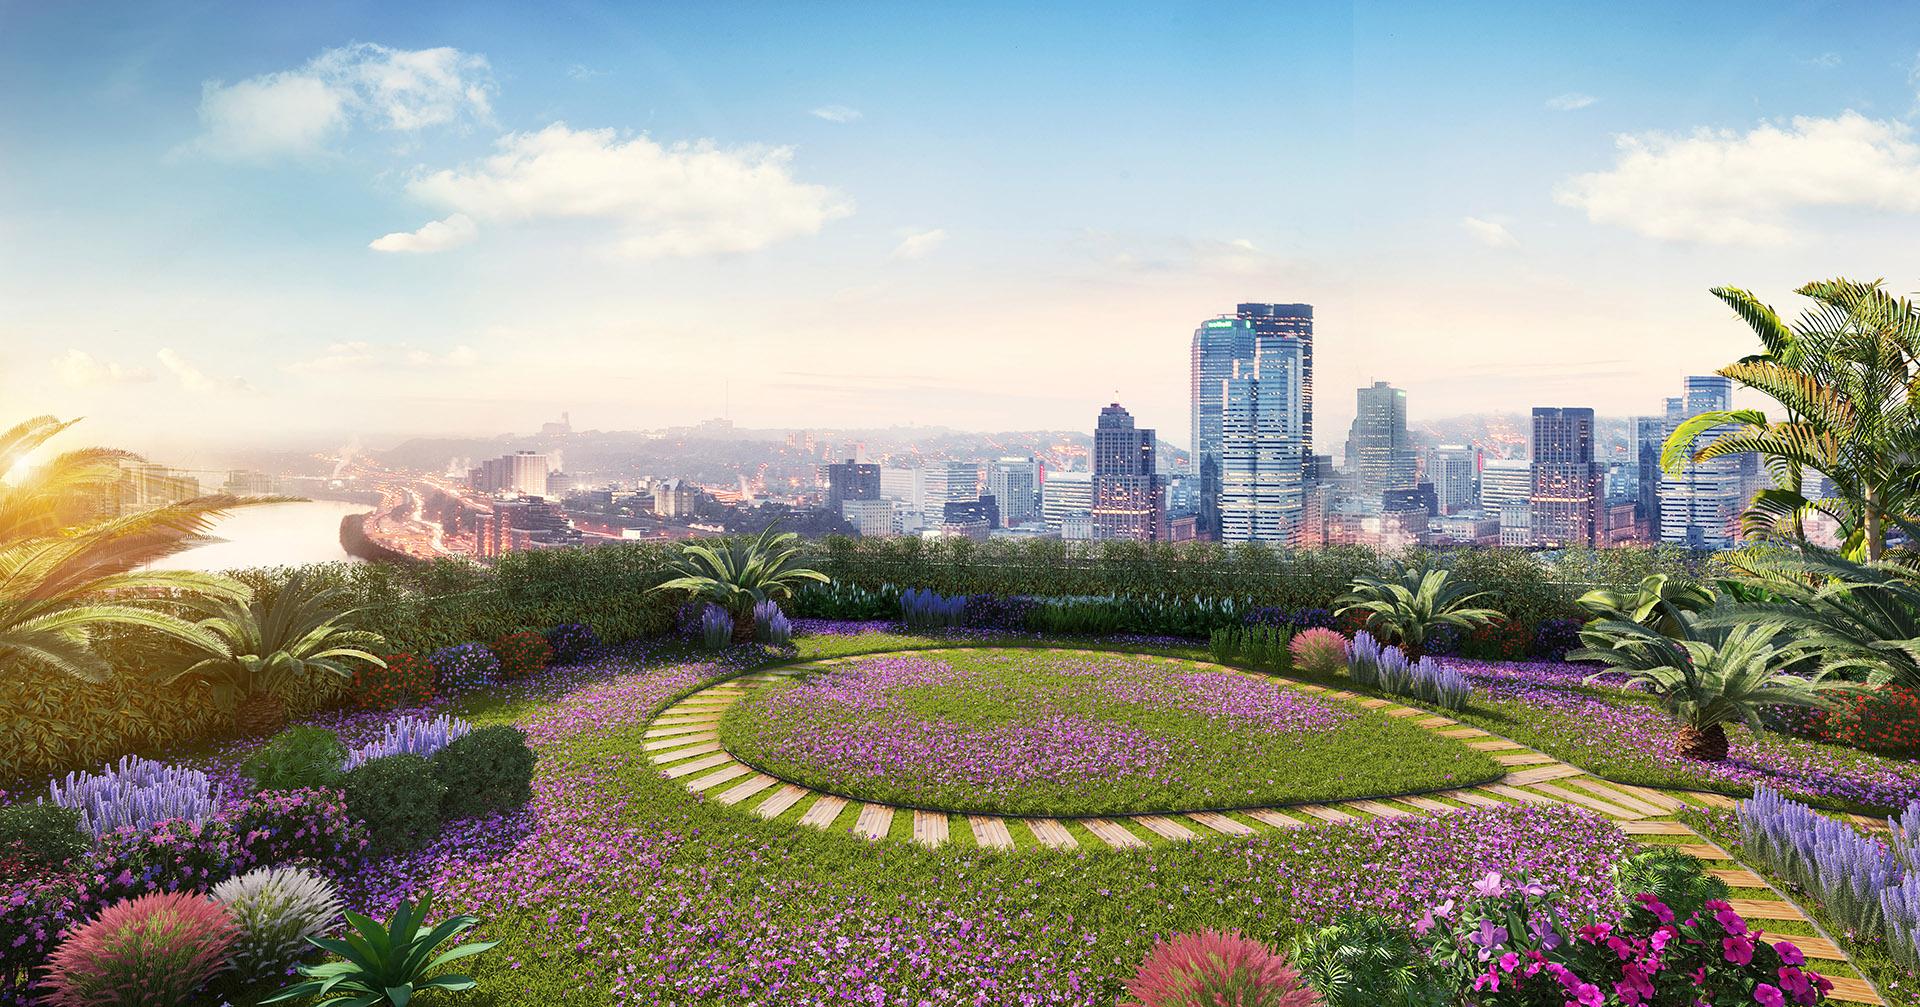 Dự án Imperia Sky Garden chính thức mở bán